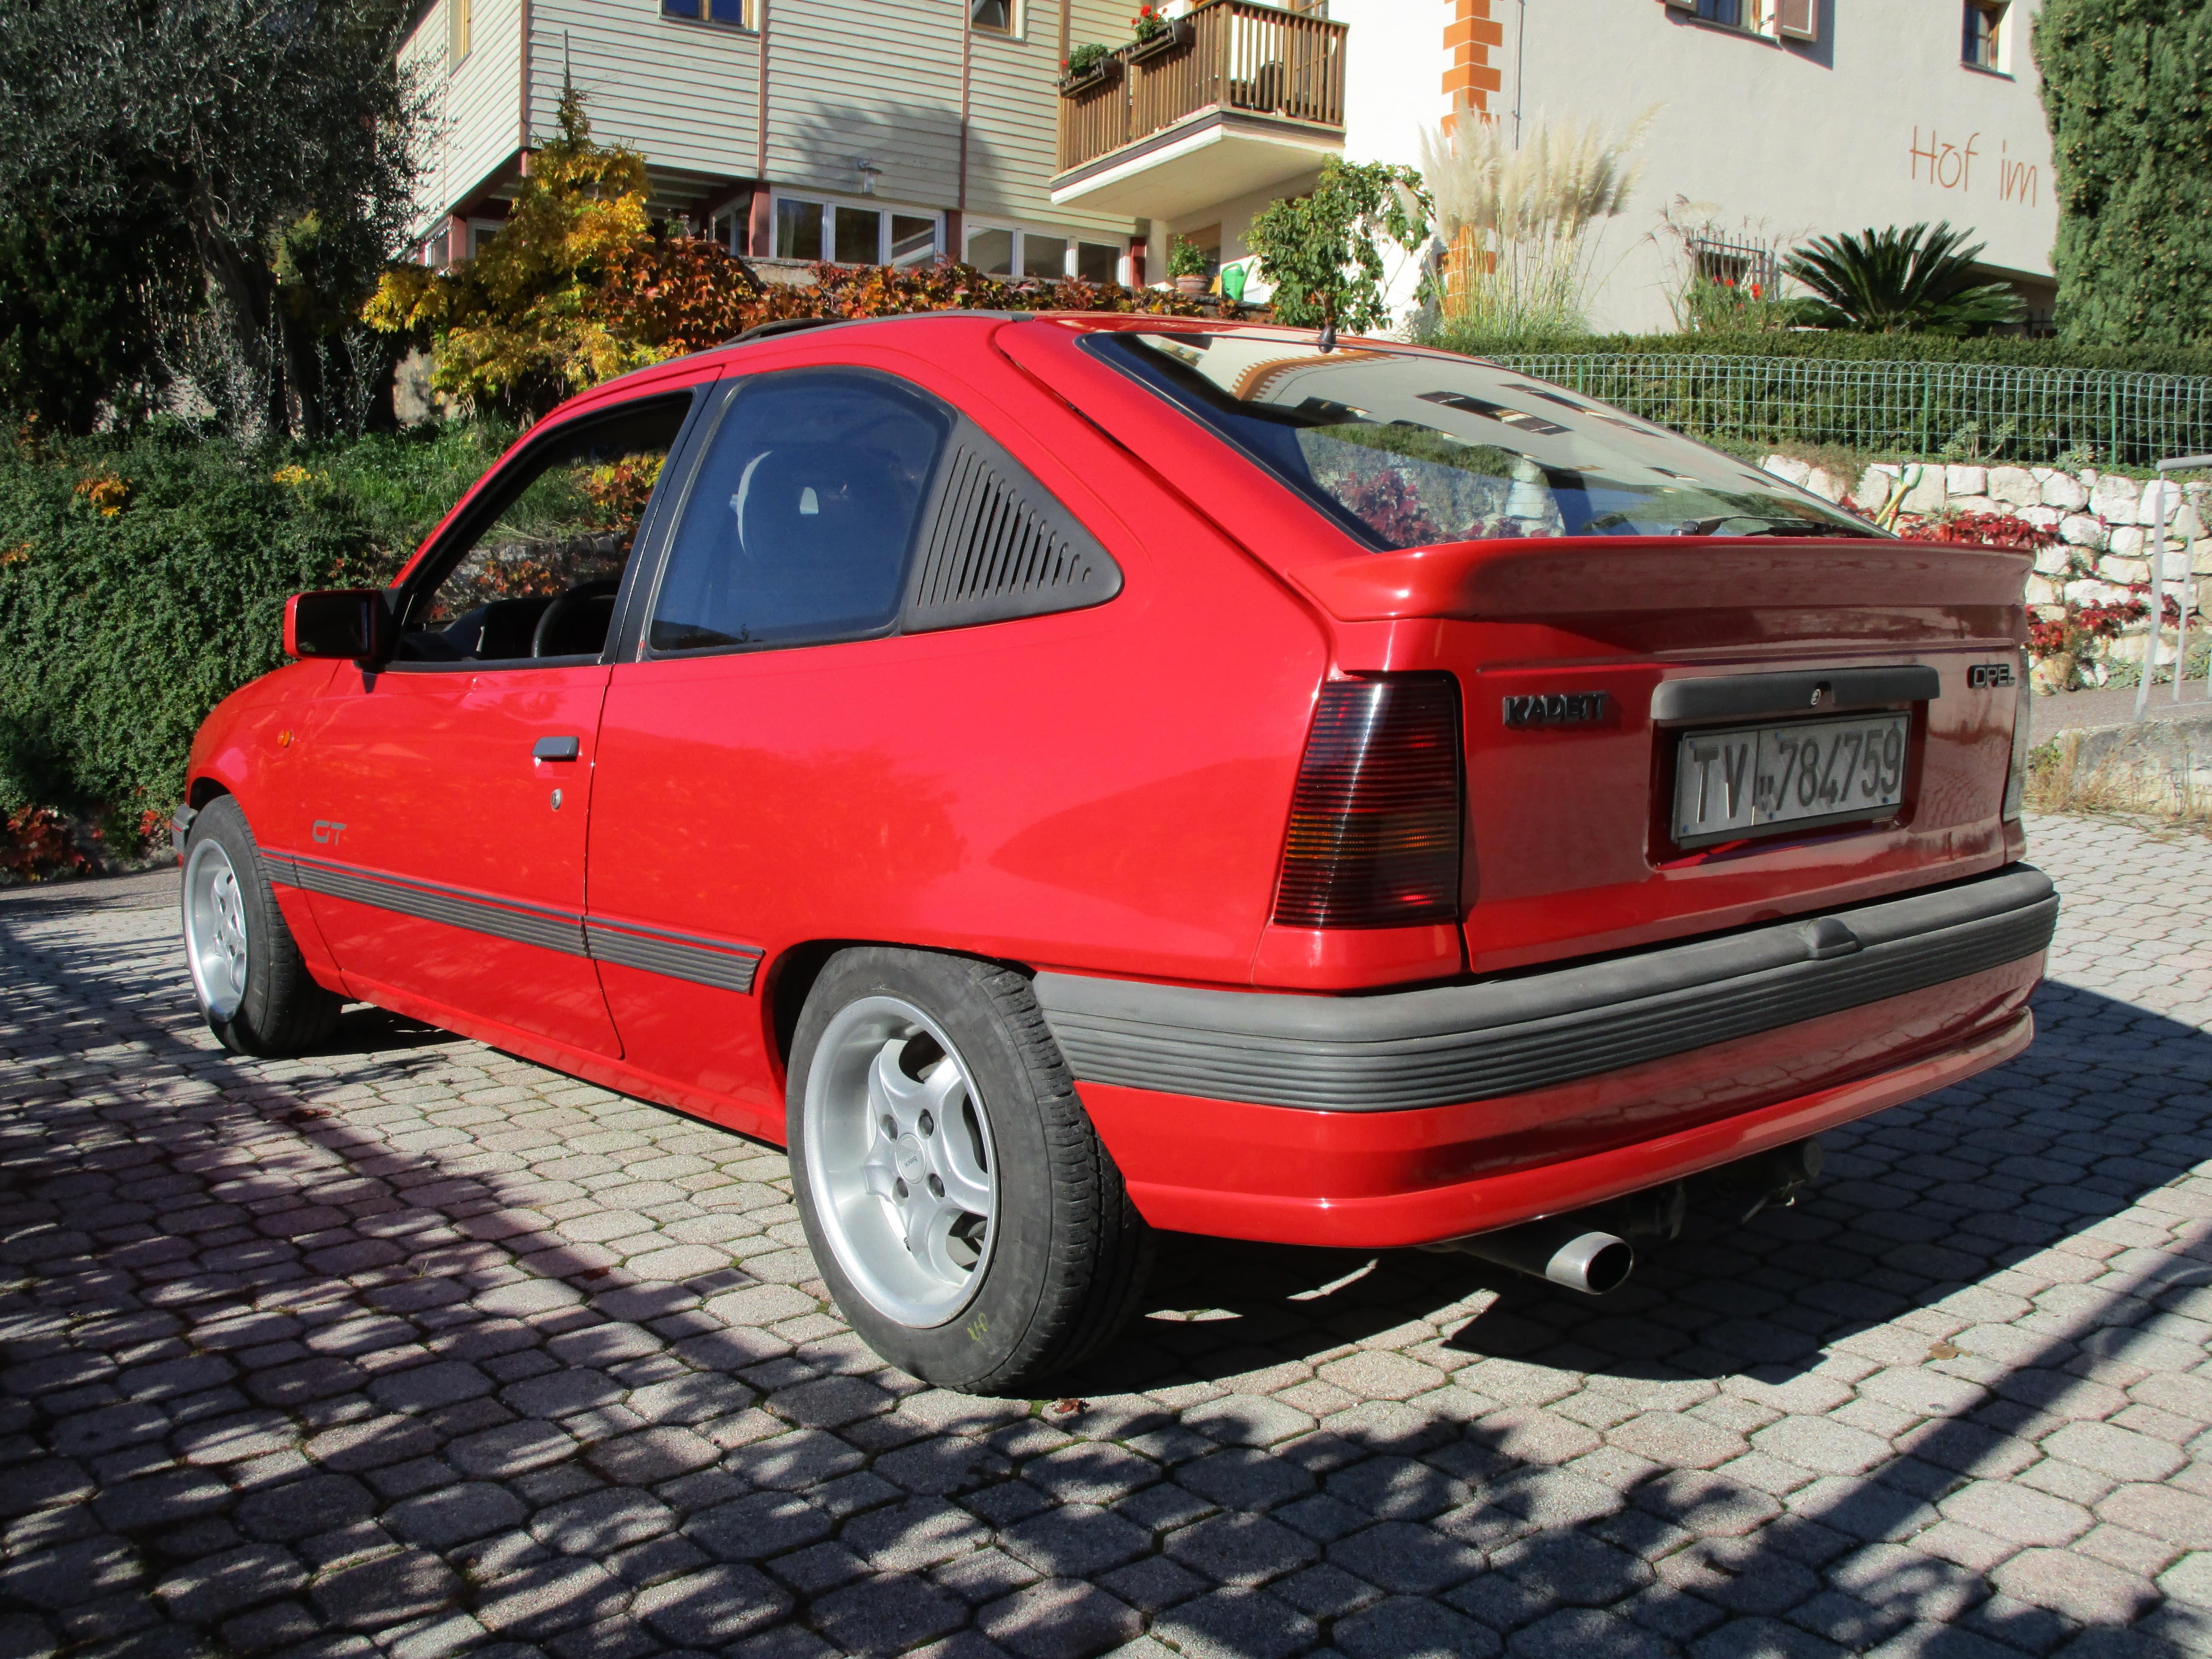 Opel kadett e gt hochglanzalbum kadett forum for Opel kadett e interieur